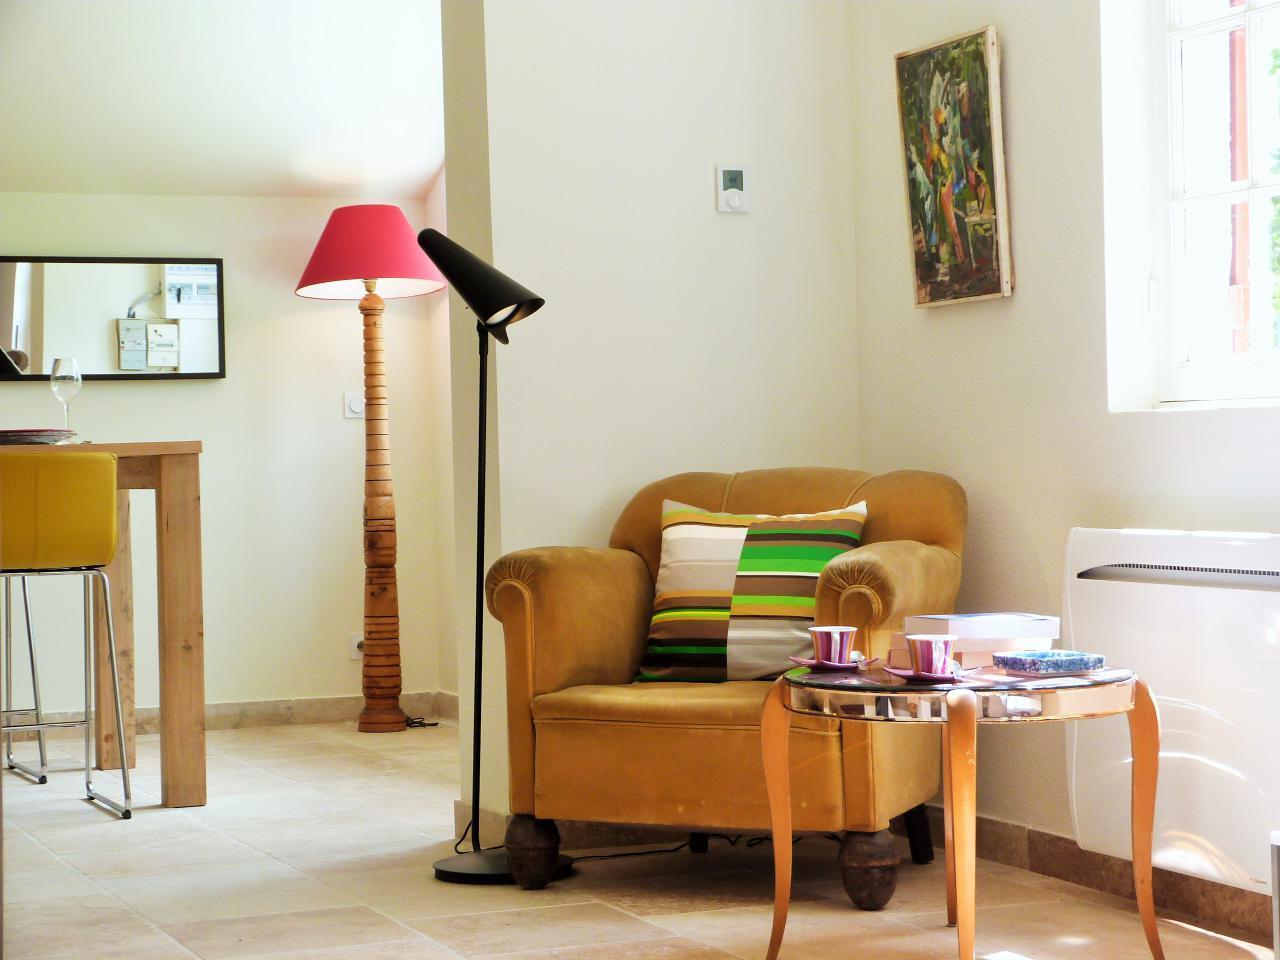 Maison de vacances Exklusives Landhaus mit Top-Küche, beheizter Pool, Naturgarten, unweit von St. Emilion, Bo (1040506), Martillac, Gironde, Aquitaine, France, image 10